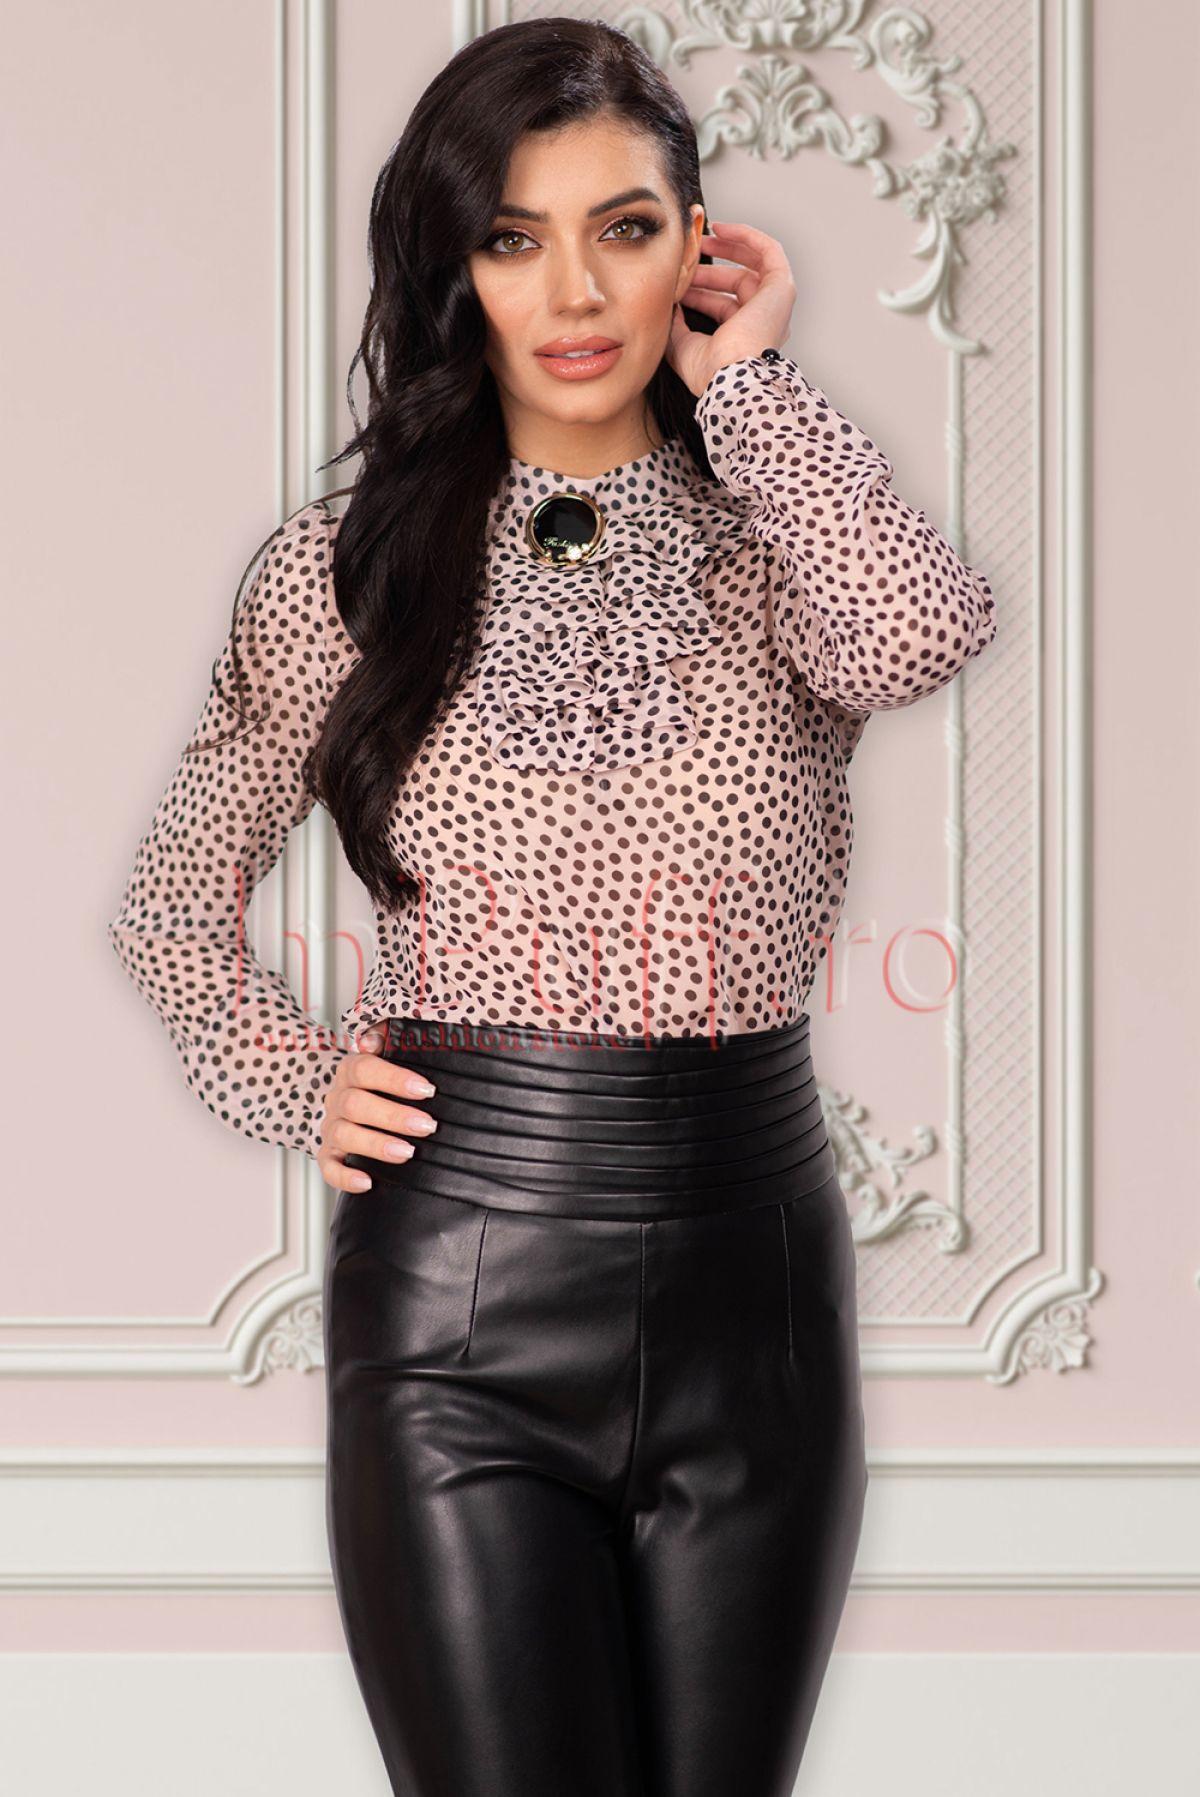 Bluza Fofy din voal rose cu buline negre - bluza fofy din voal rose cu buline 43046 - Bluza Fofy din voal rose cu buline negre